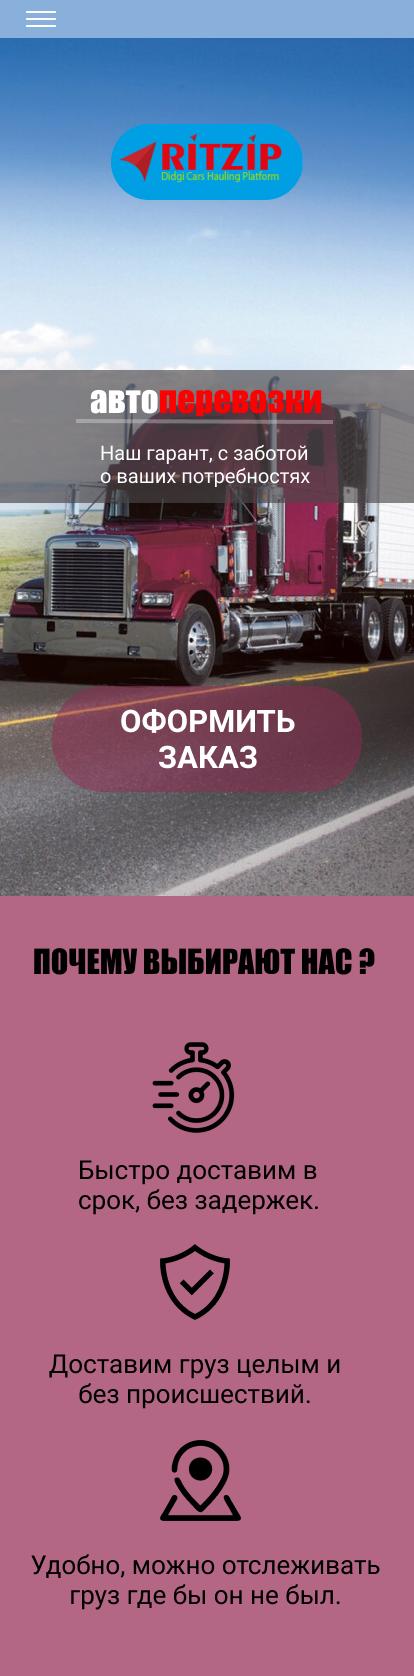 Дизайн сайта - автоперевозка авто в США -car hauling фото f_61960801a8fd2fdd.png